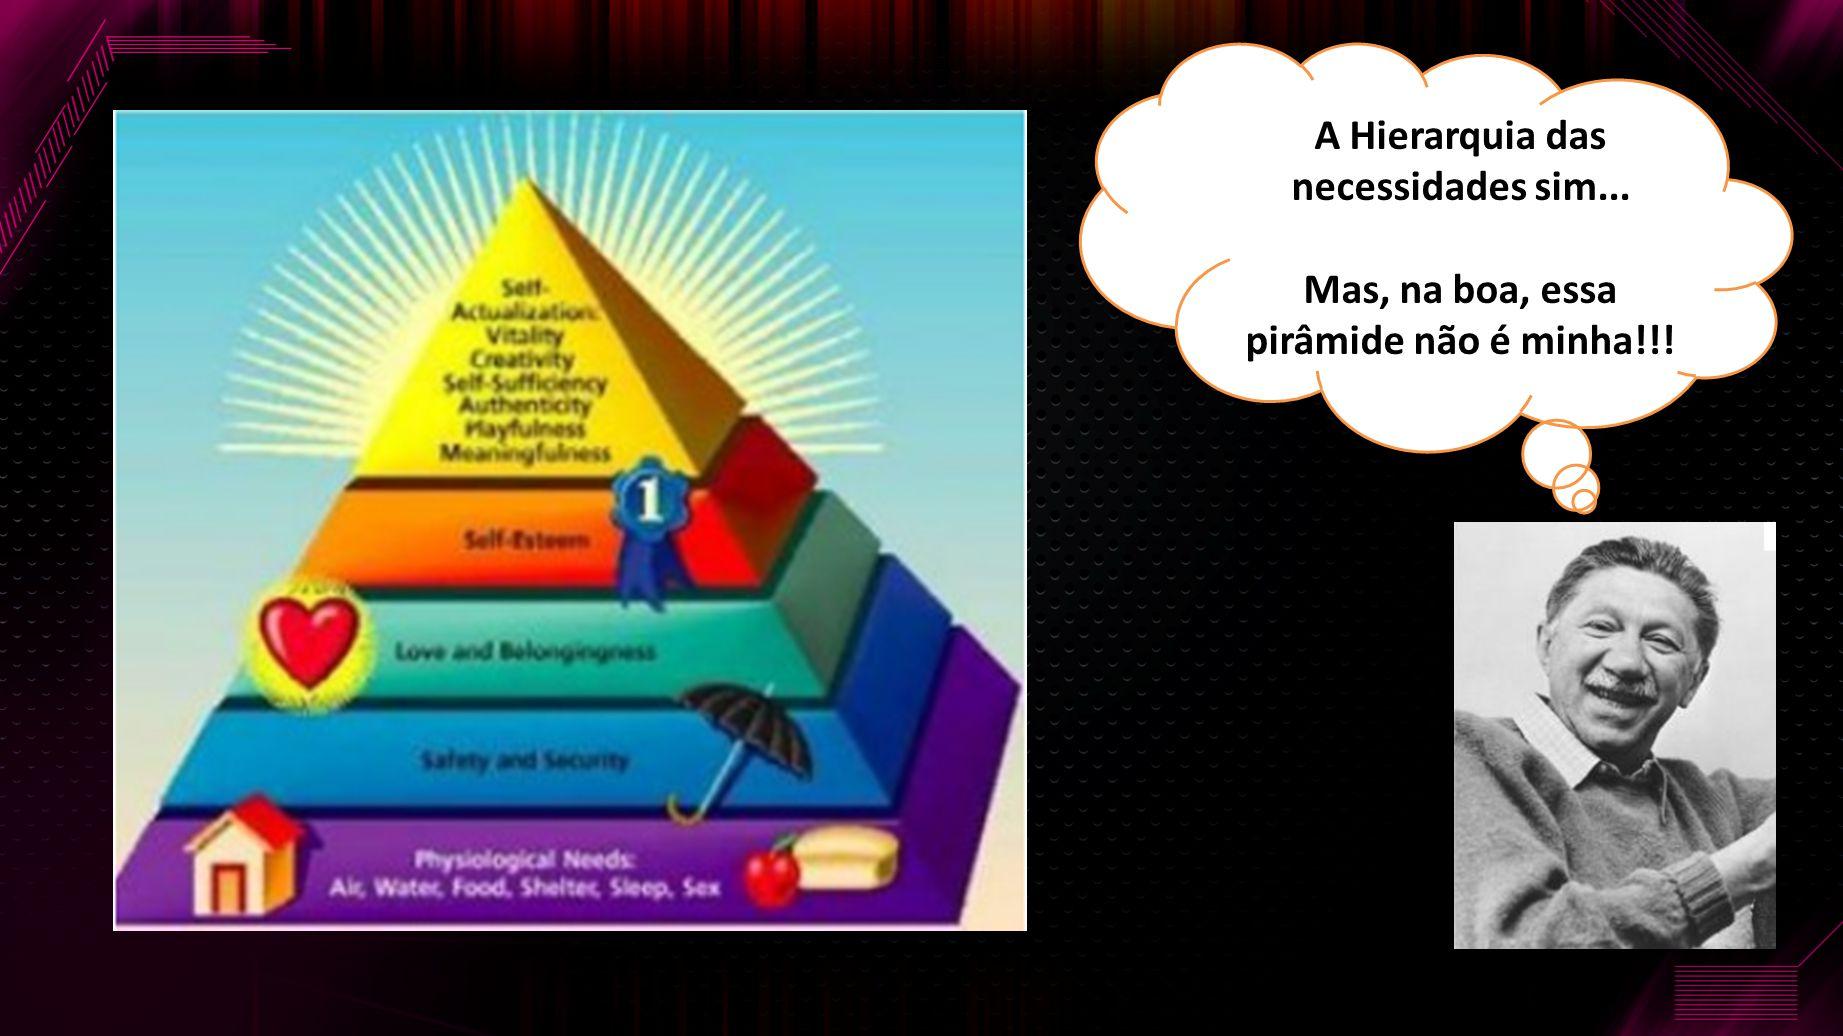 A Hierarquia das necessidades sim...